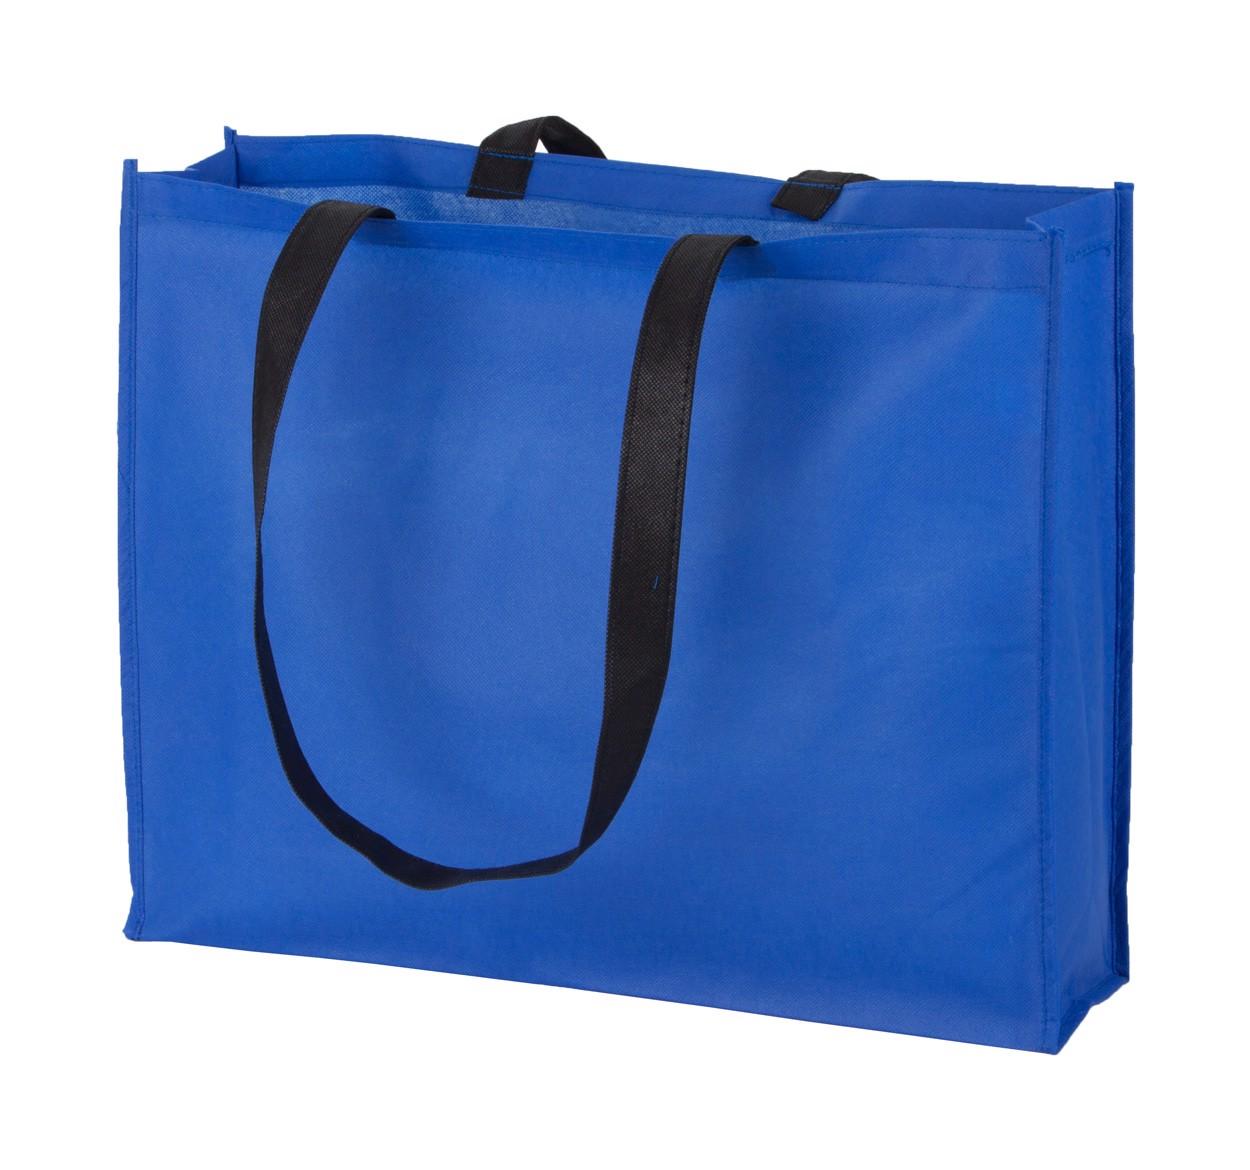 Geantă Cumpărături Tucson - Albastru / Negru